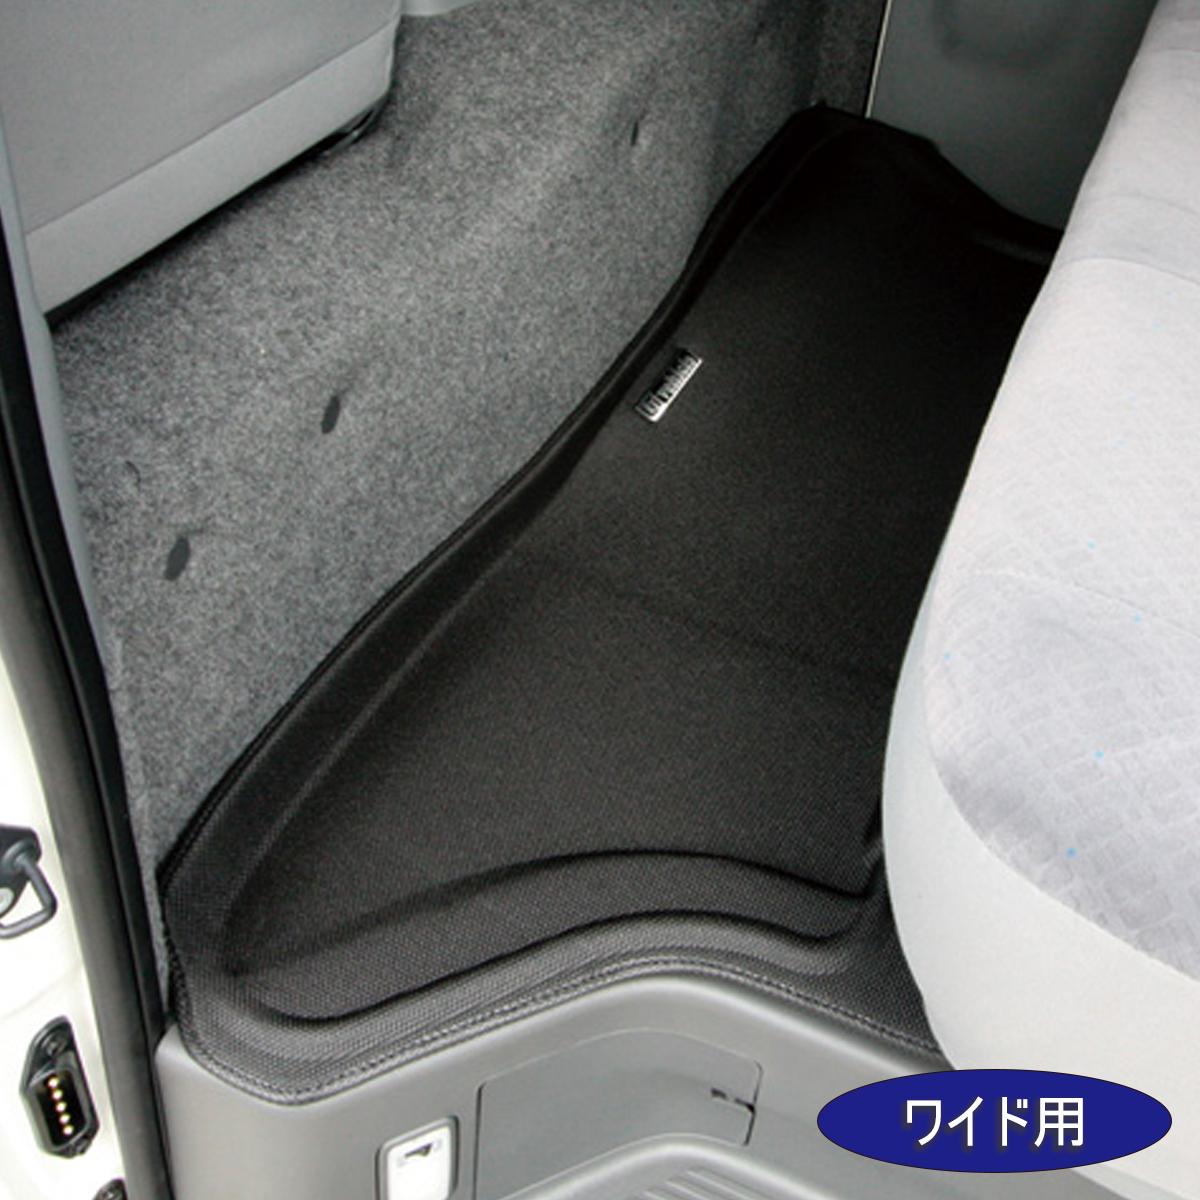 ユーアイビークル ハイエース 200系 5ドア ワイド 3Dラバーマット リア1ピース UI-vehicle ユーアイ